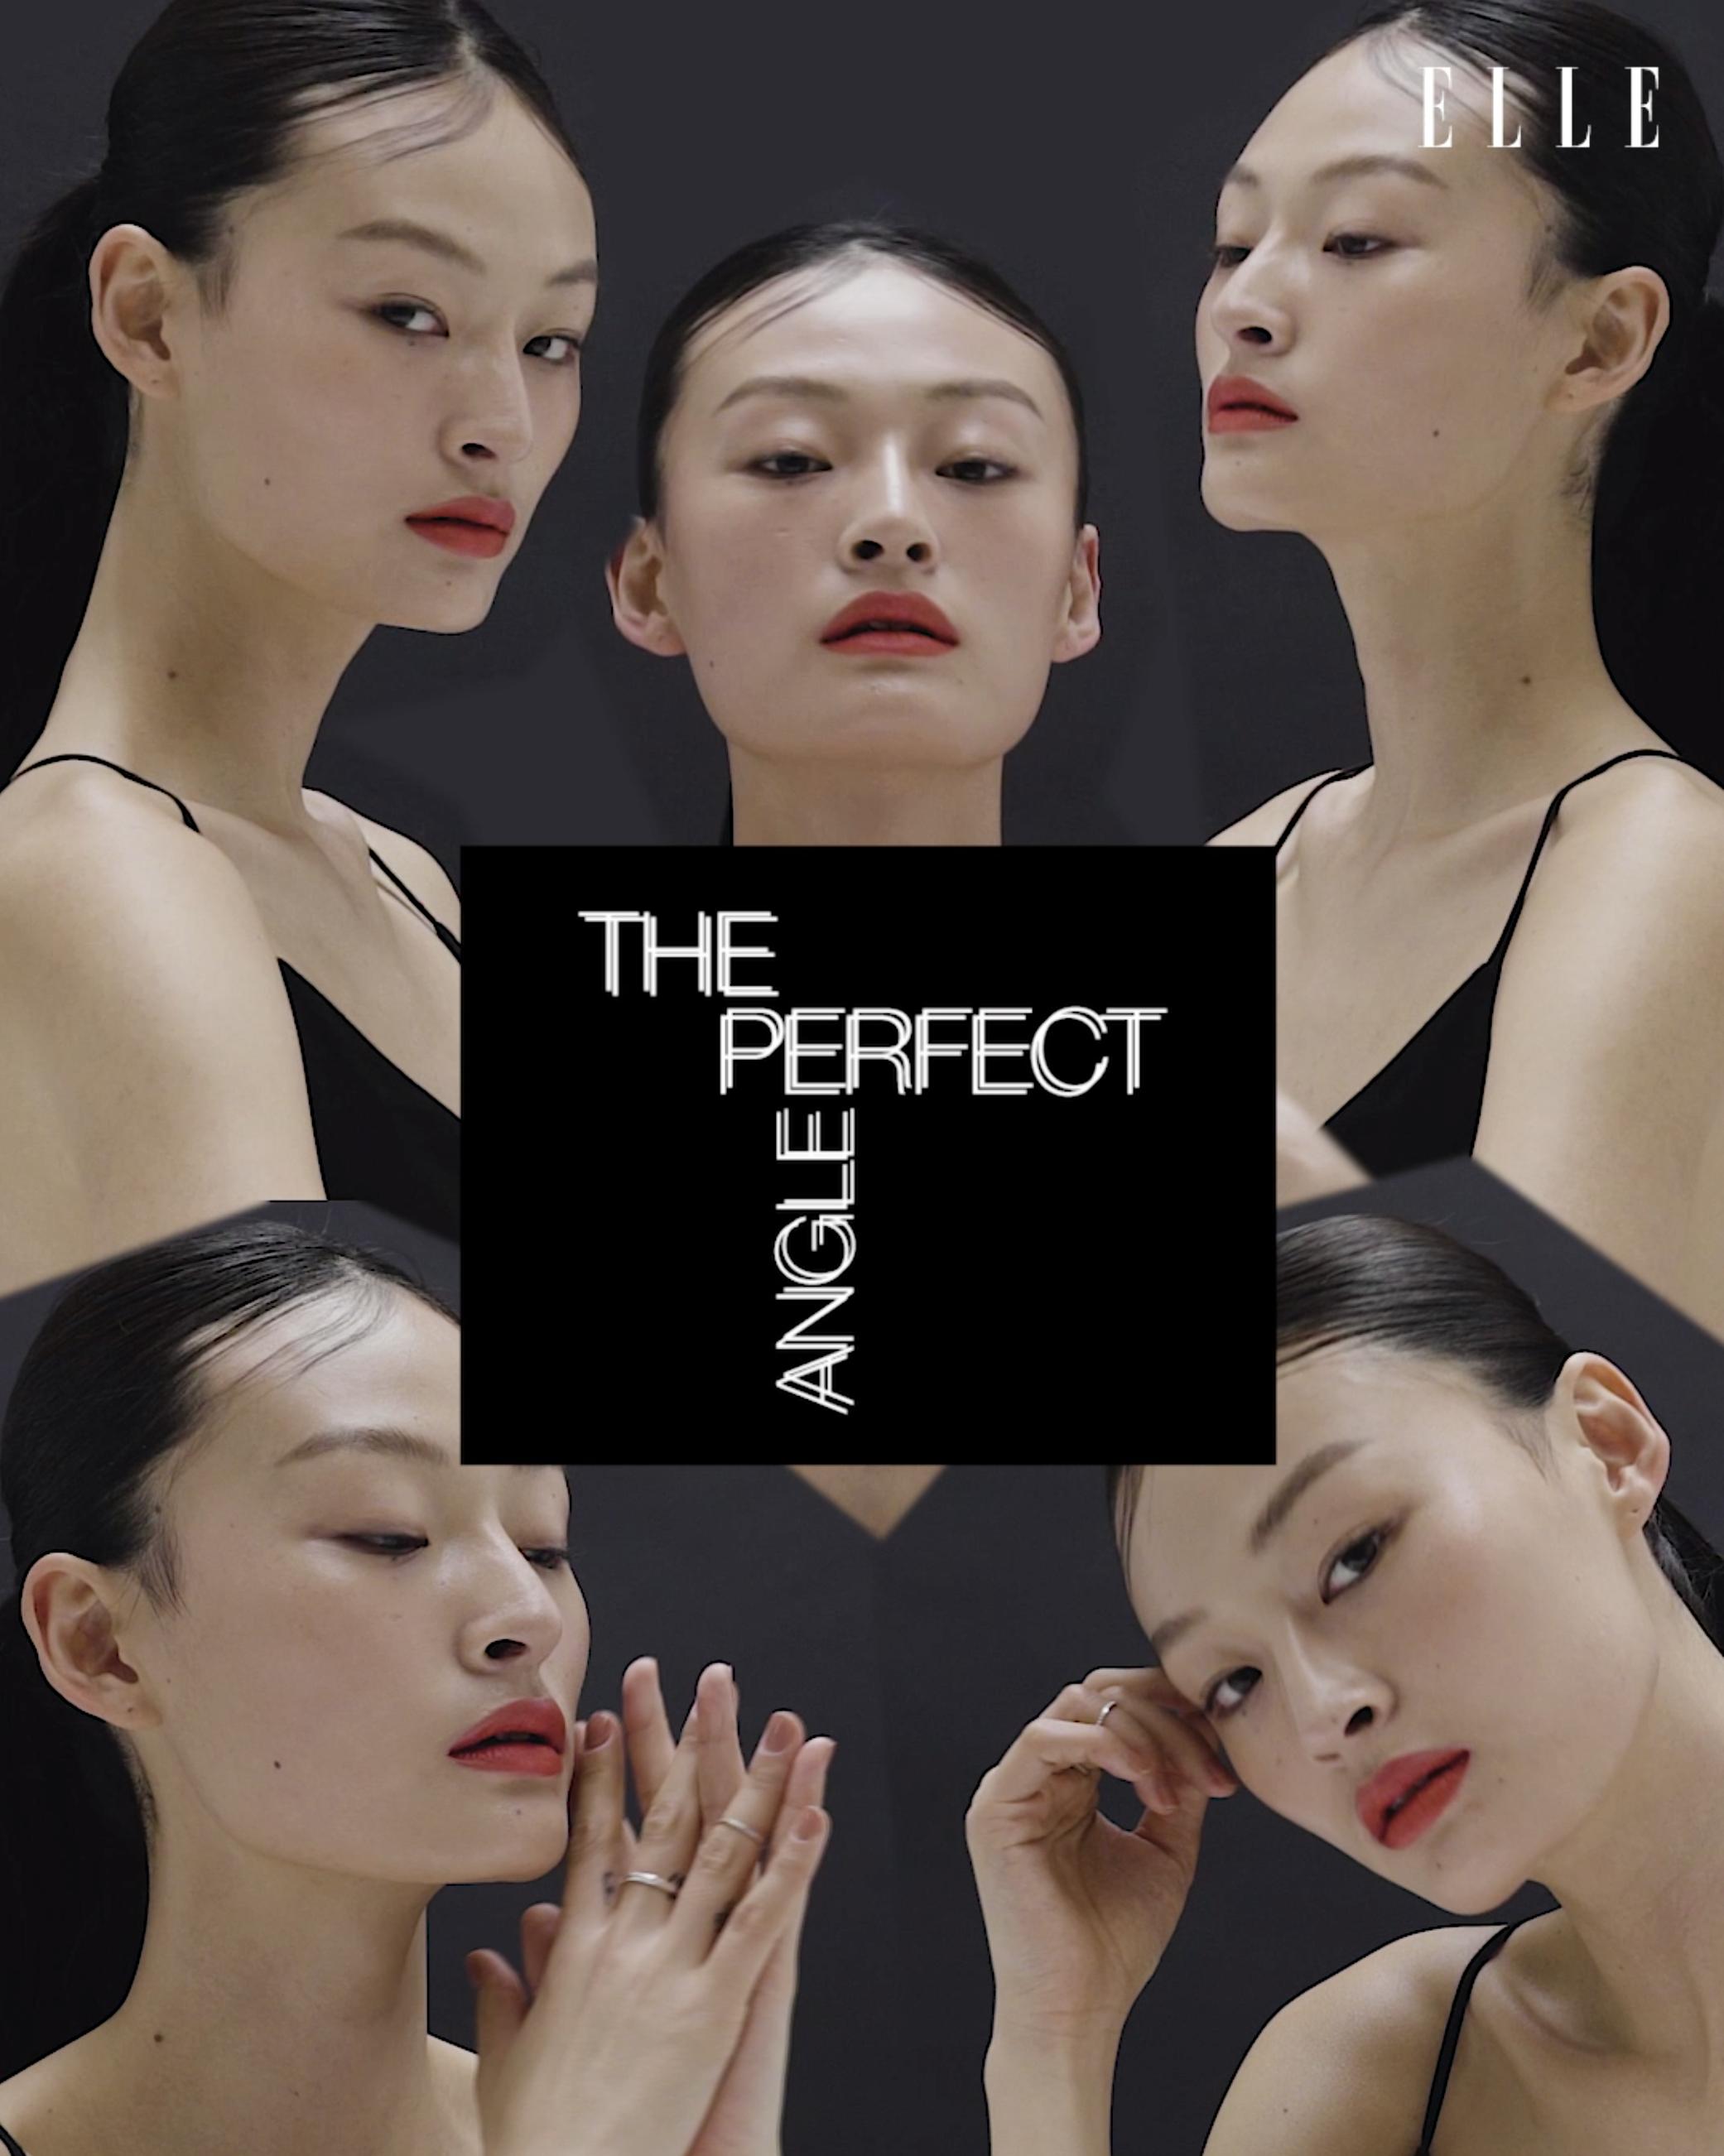 글로벌 최초, 한국에서 가장 먼저 선보이는 나스의 두 번째 쿠션!  #네츄럴래디언트롱웨어쿠션파운데이션 SPF50/PA+++ 이 드디어 출시했어요!  어떠한 각도에서도 완벽하게 '결'을 살린 고급스러운 피부 표현과 군더더기 없이 딱 떨어지는 사각 케이스 한국인 피부 톤에 맞춘 #서울 #삼청 을 포함한 6가지 컬러 바르자 마자 피부에 '착붙'. 16시간 파워 지속력까지!  오로지 네츄럴 래디언트 롱웨어 쿠션 파운데이션으로 완성한 영상 속 모델의 결광 피부를 확인해보세요!